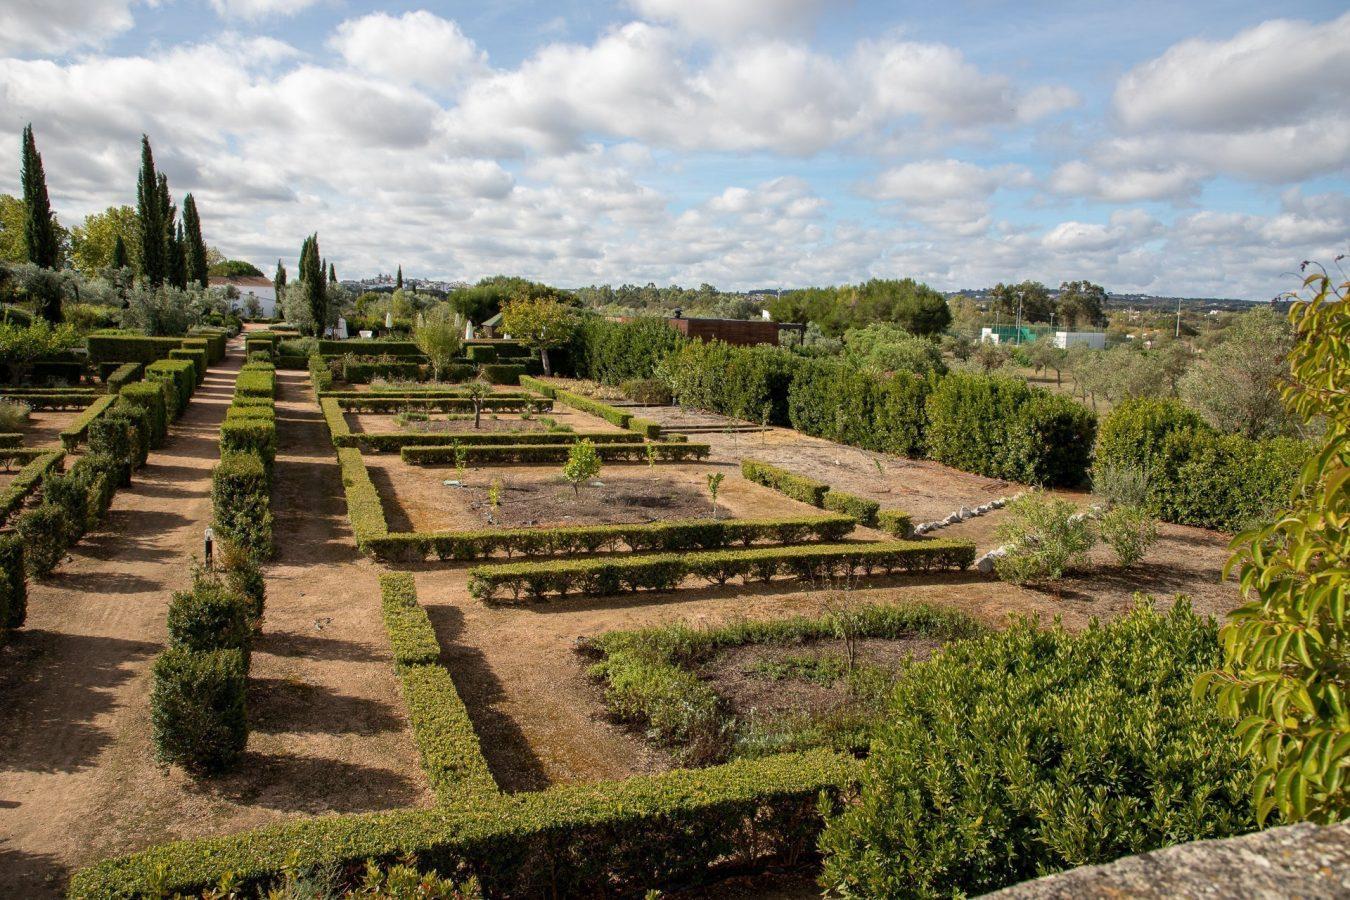 Gardents at Convento Espinheiro Hotel